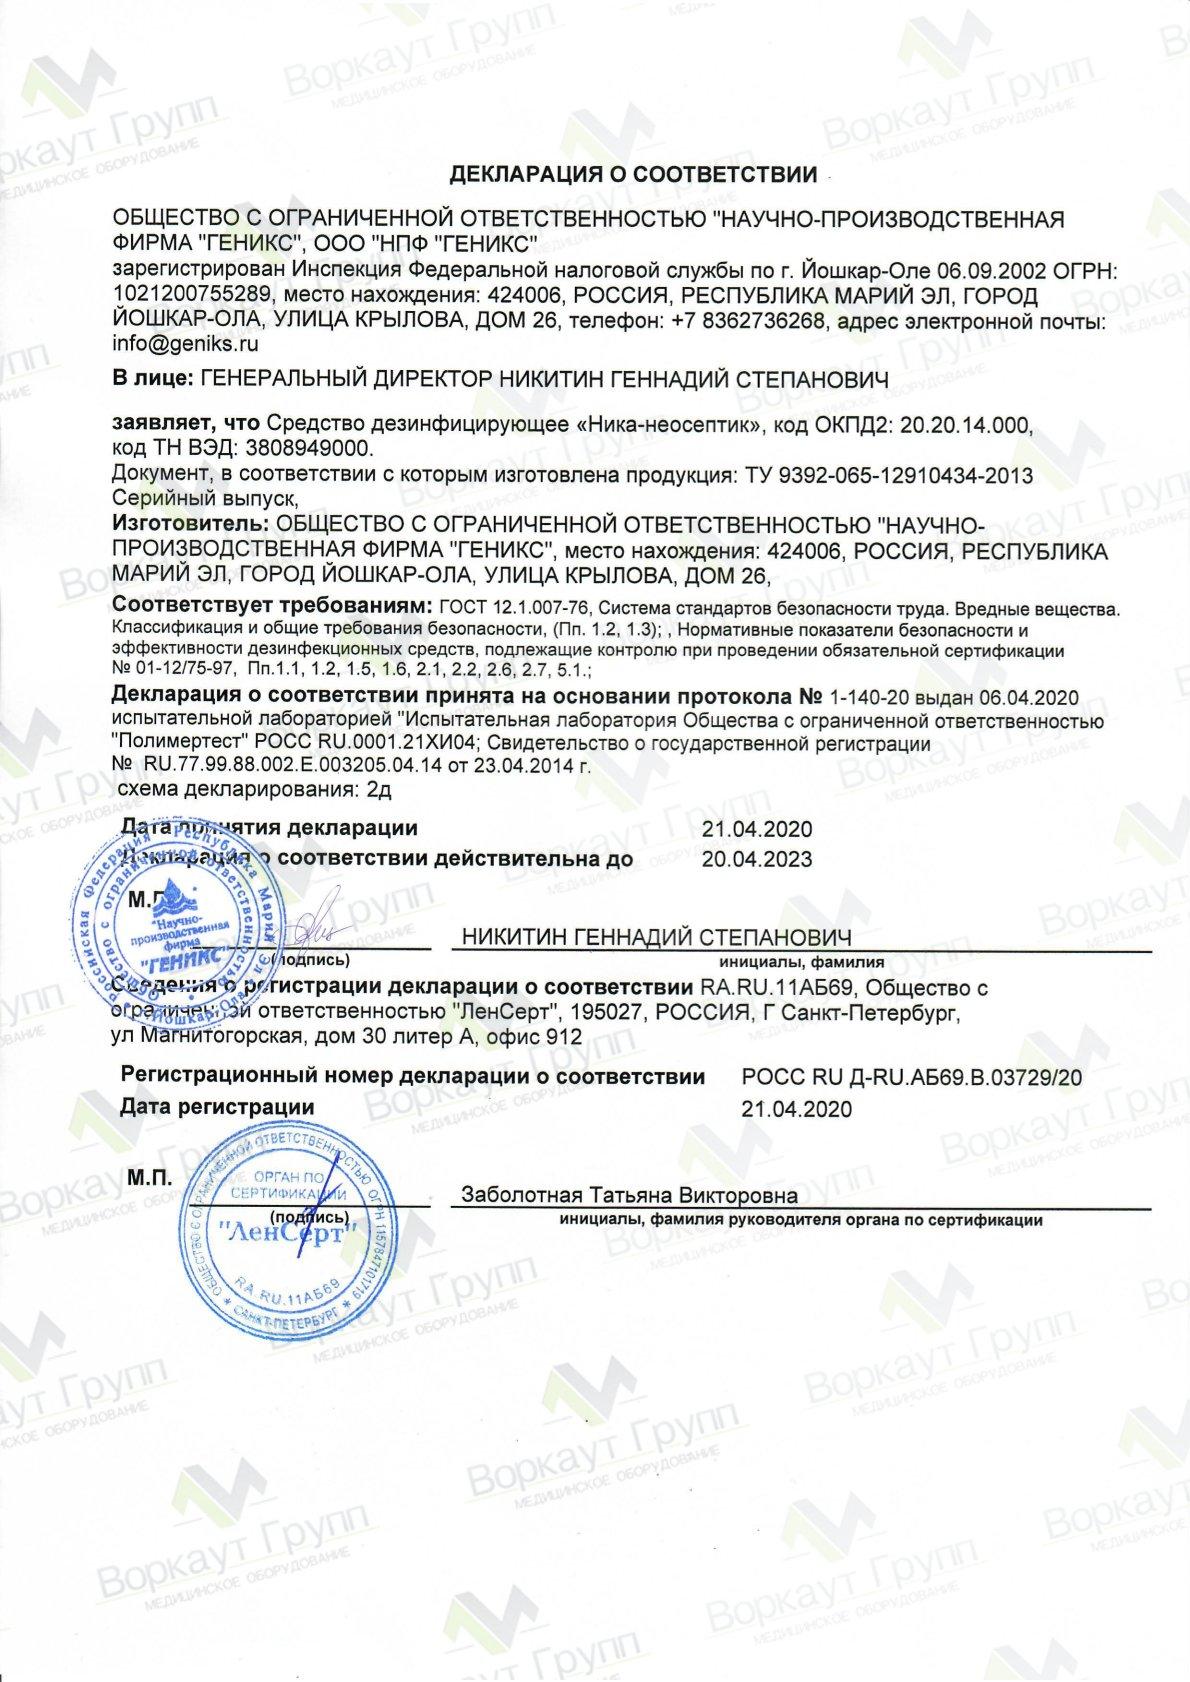 Ника-Неосептик (декларация о соответсвии)